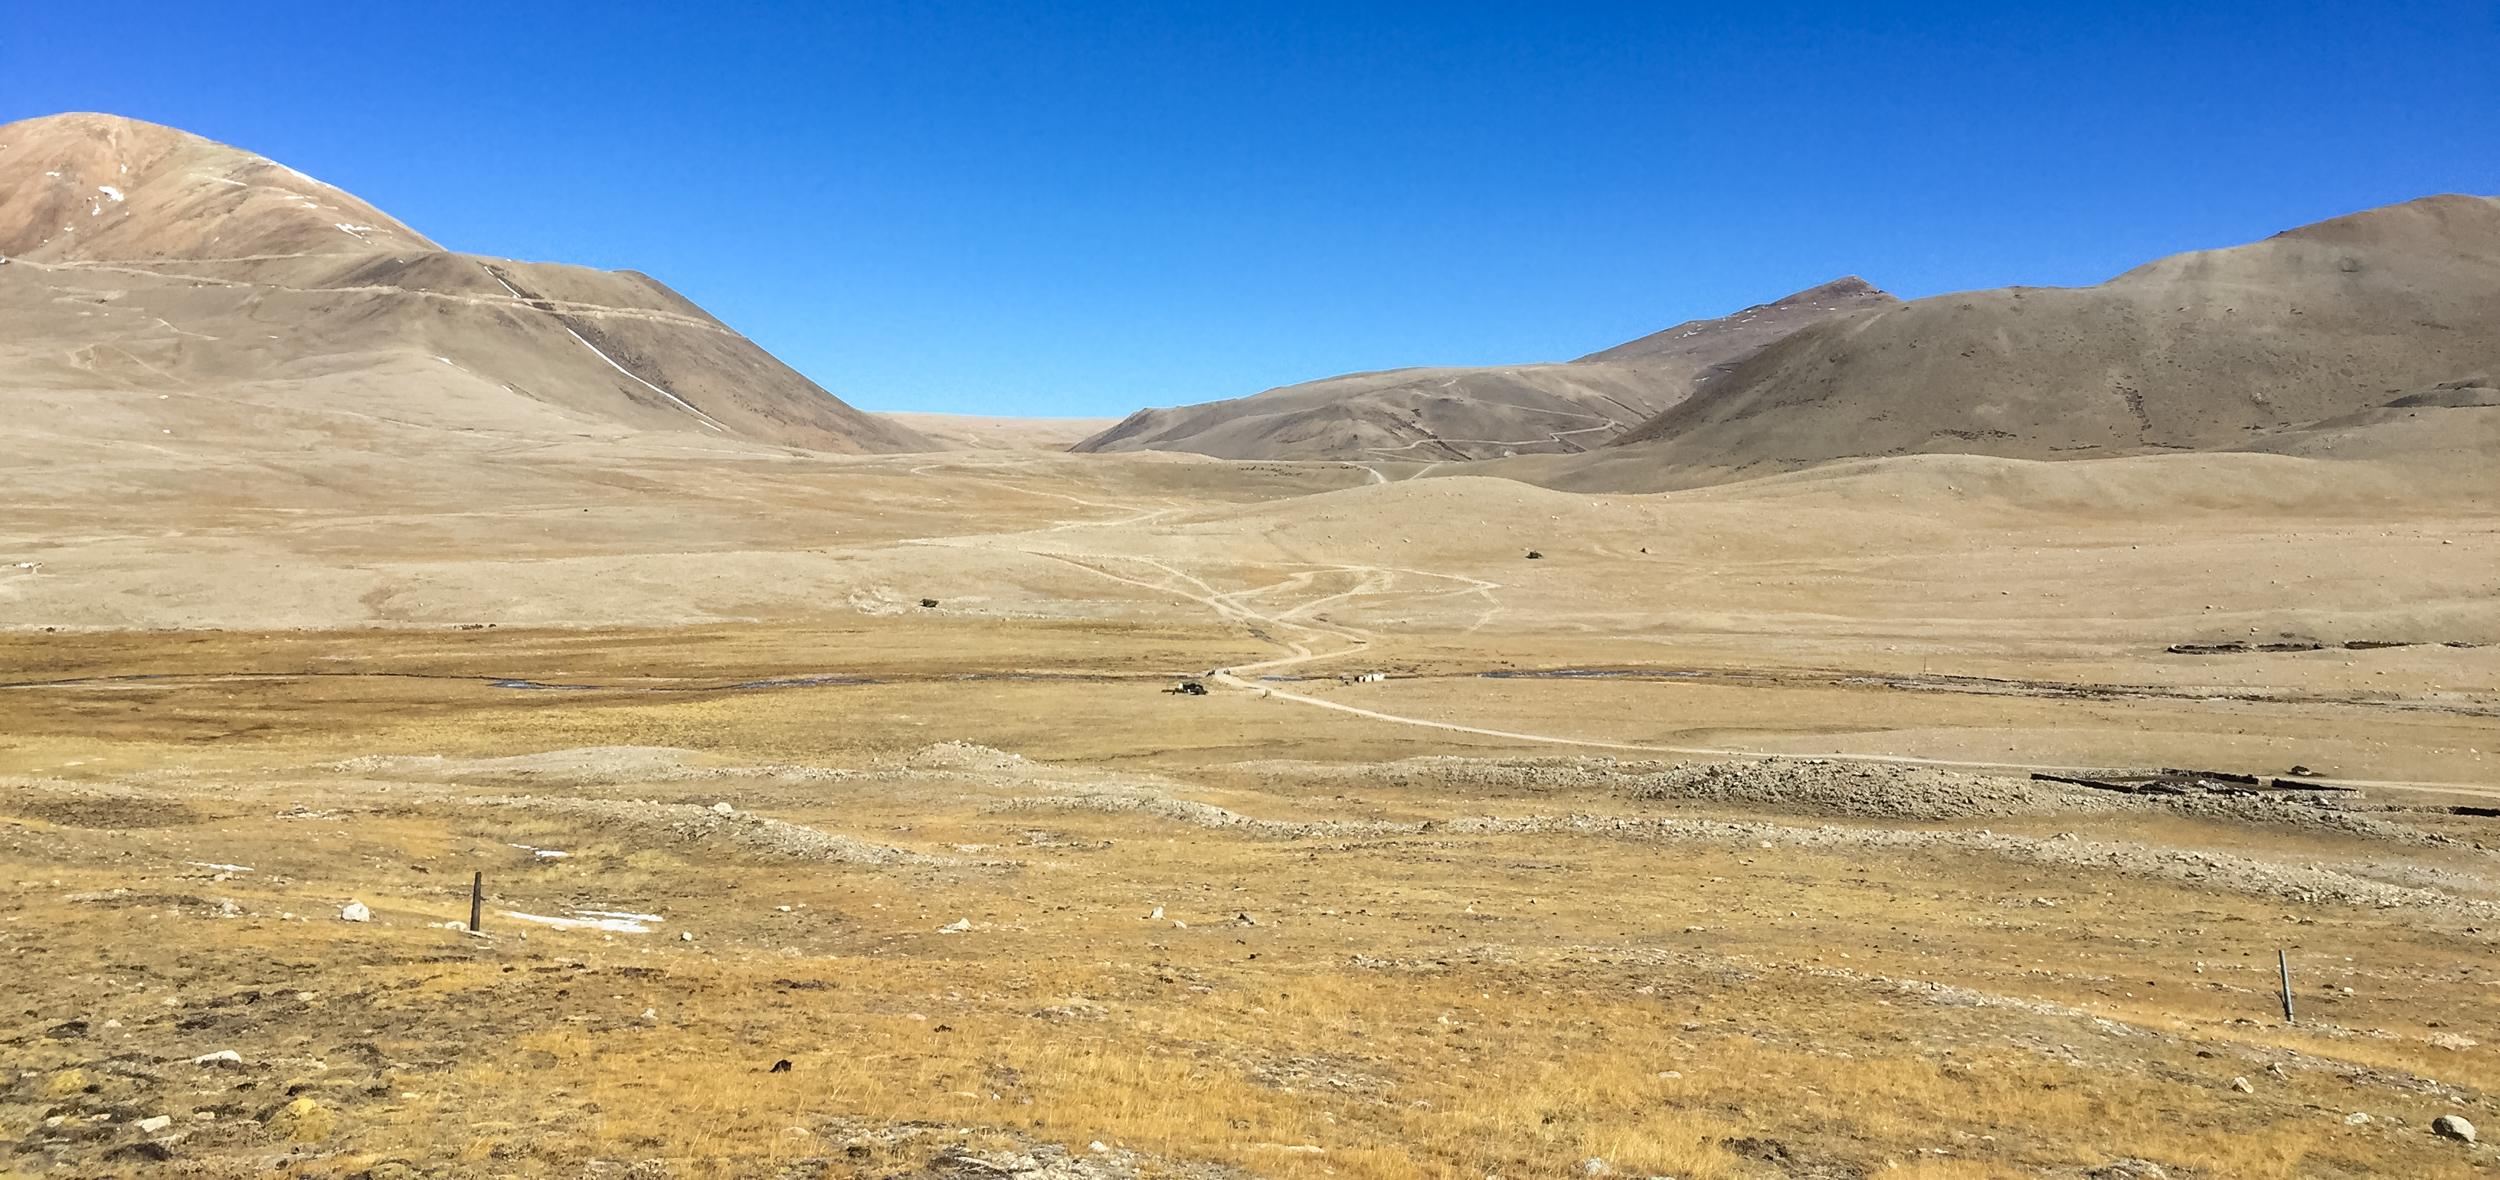 Looking toward Tibet -  Photo by Monika Agarwal